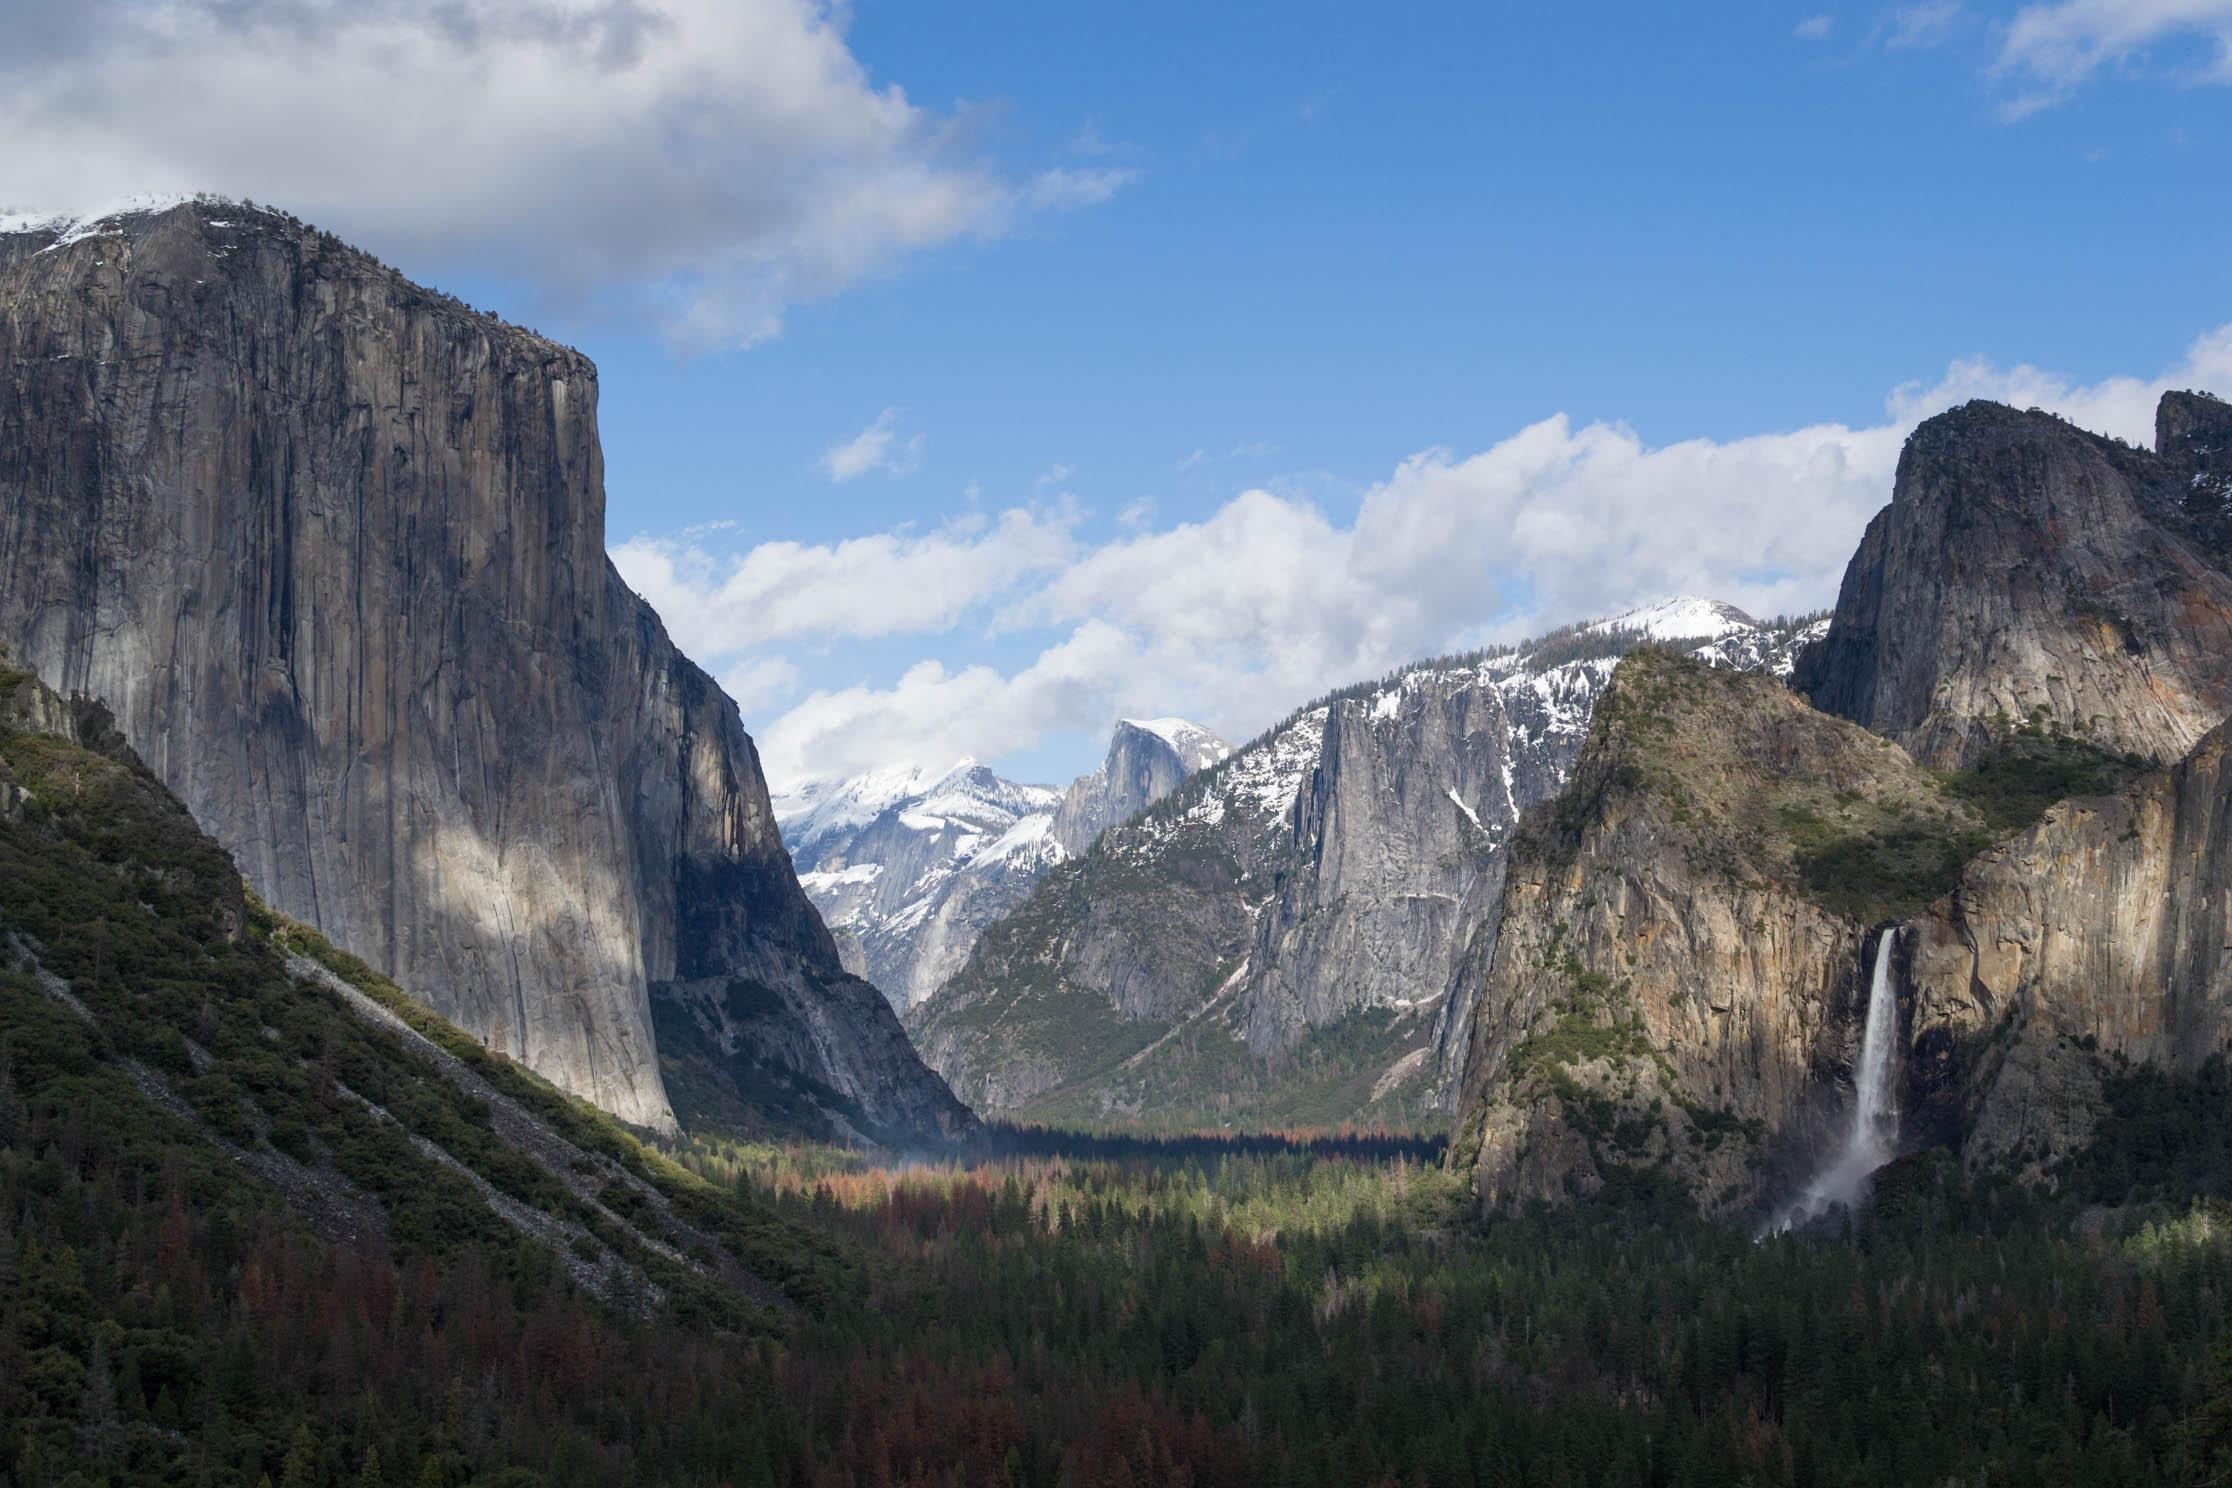 Tunnel View, la vue emblématique du Yosemite